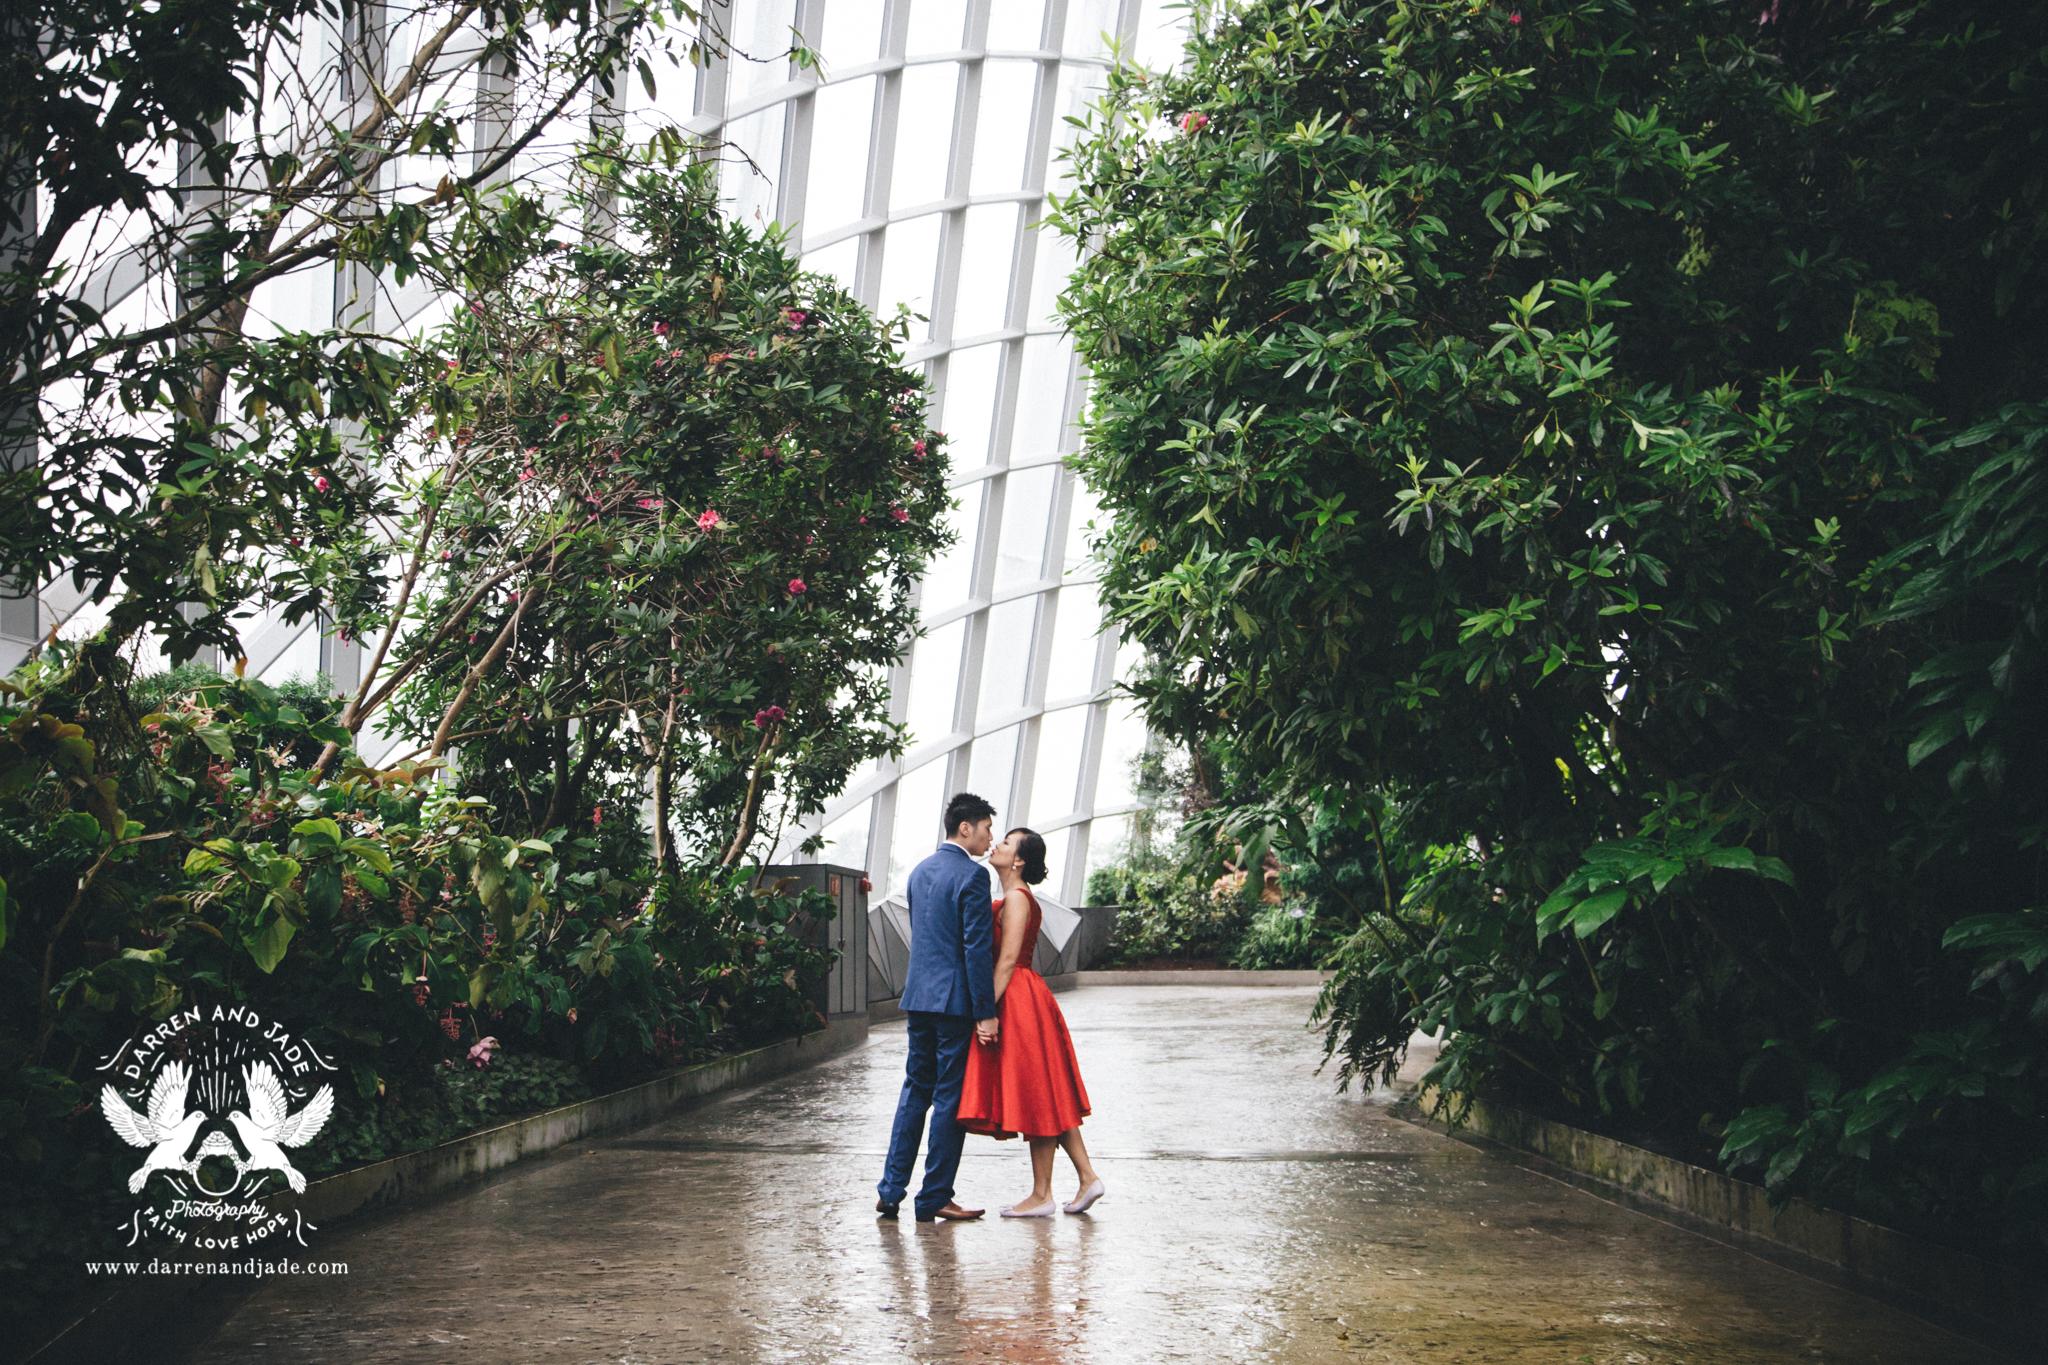 Bel & Emans - Engagement - Blog (3 of 15).jpg